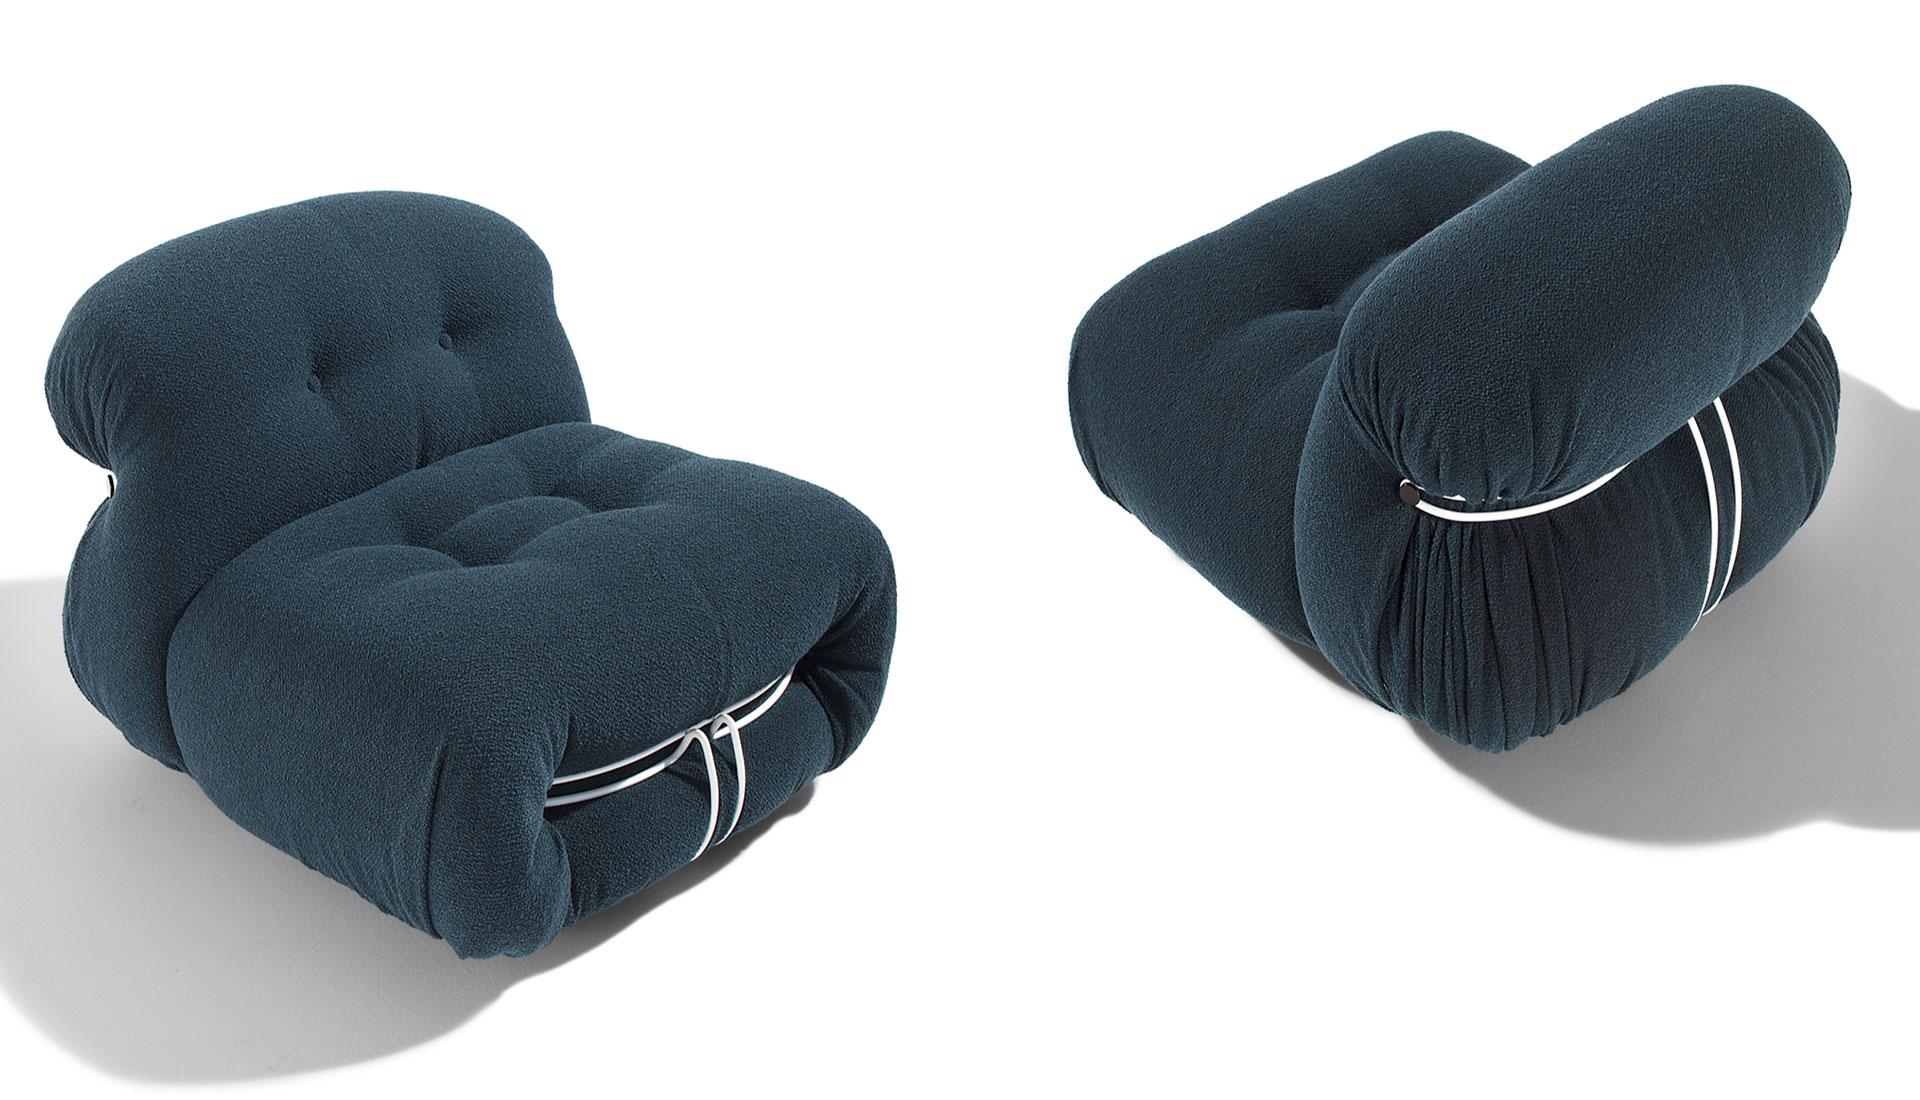 100 лет дизайна: диван и кресла Афры и Тобиа Скарпа